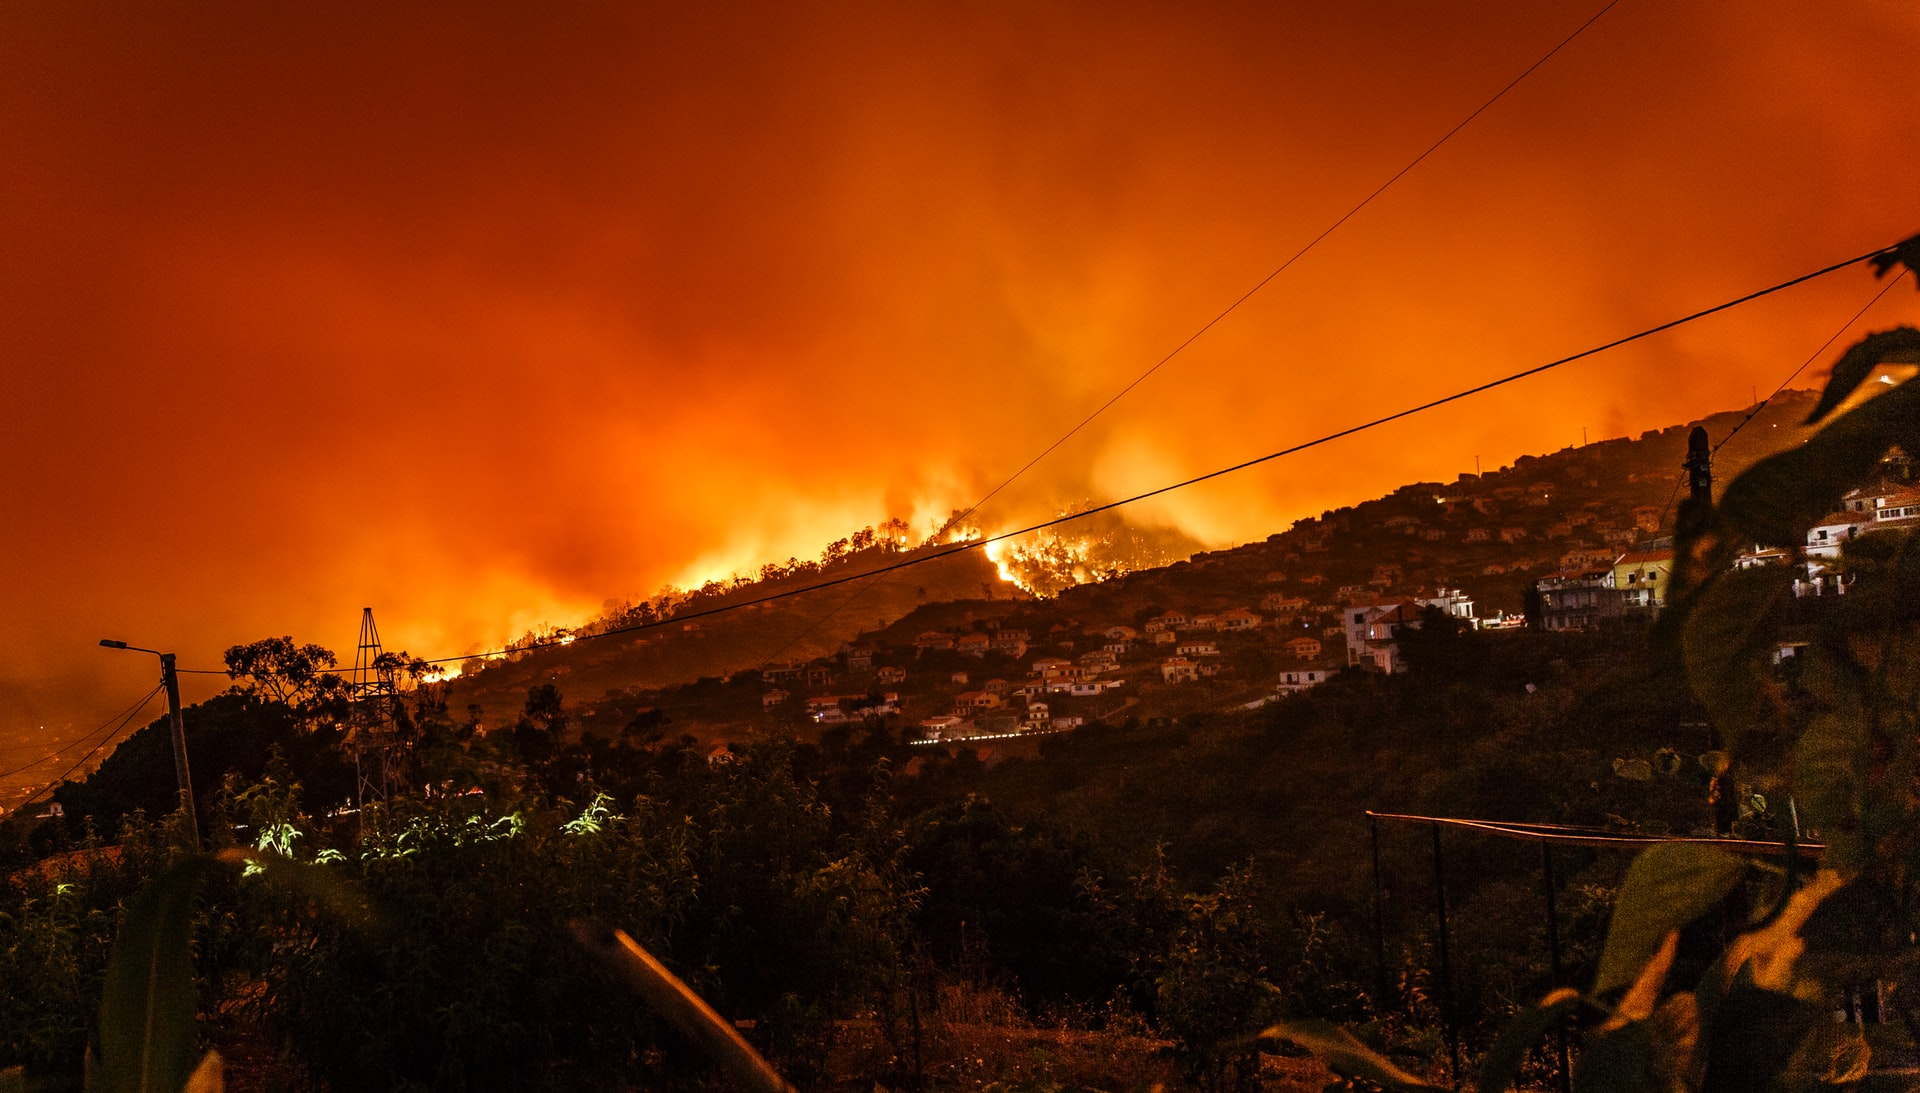 Pożar lasów eukaliptusowych w Portugalii. Fot. Michael Held, źródło: unsplash.com